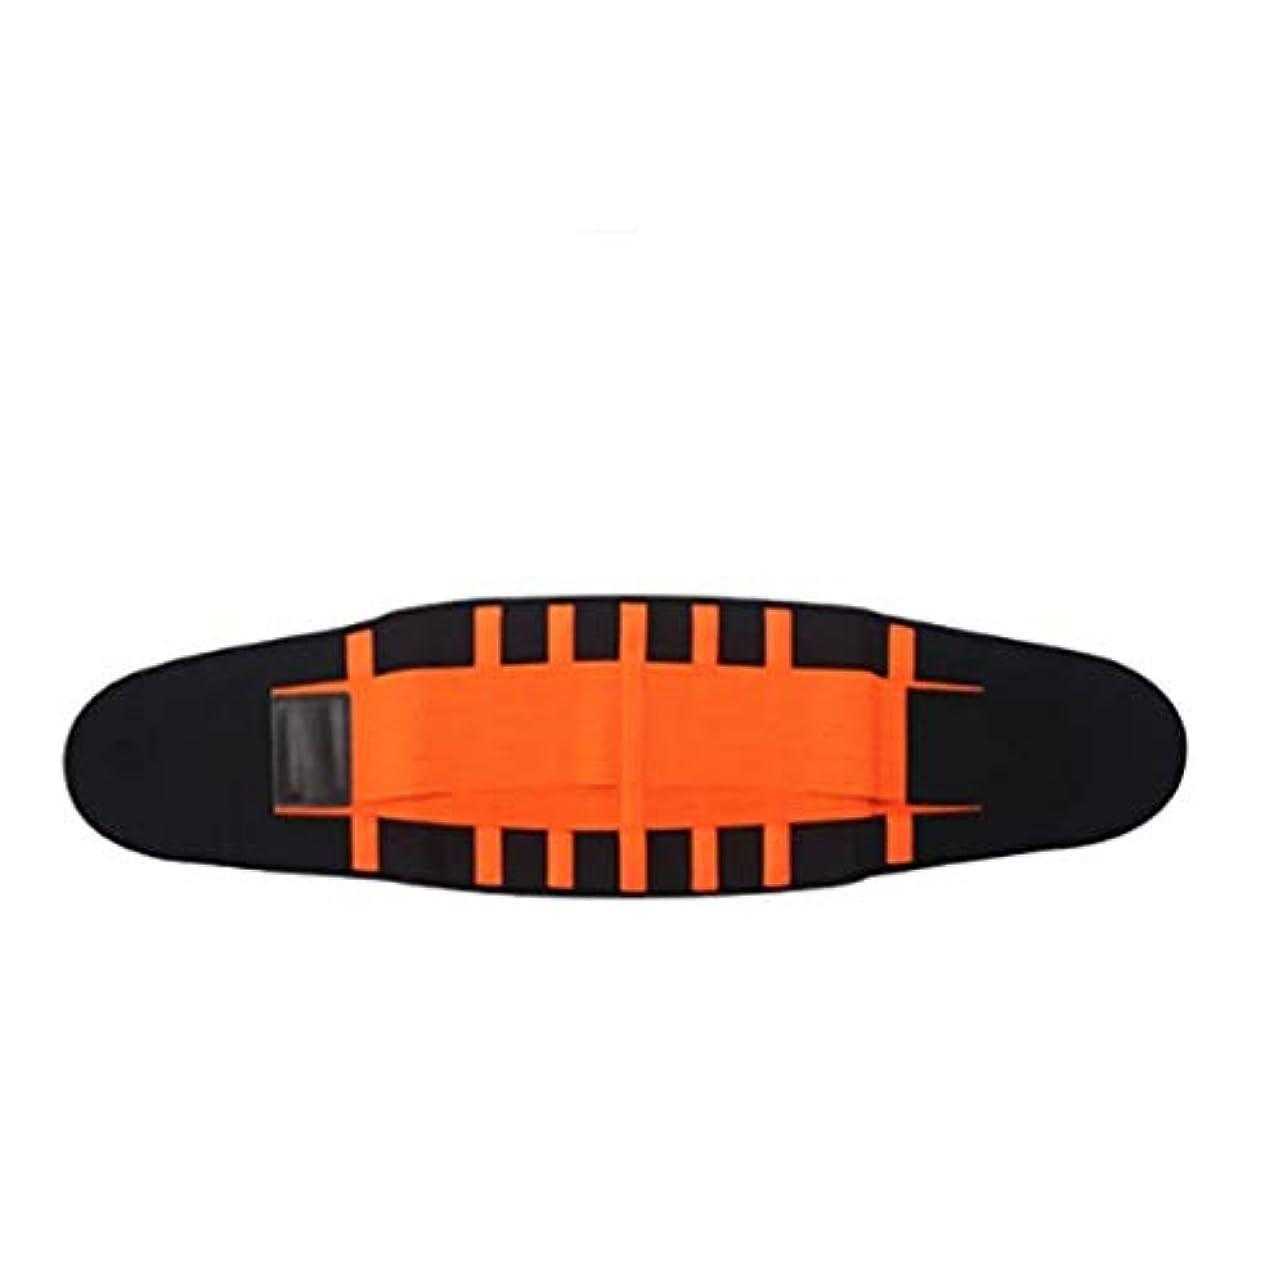 トランクライブラリあいまいな無人フィットネスベルト、ウエストベルト、椎間板腰椎筋肉の緊張、コールド、腹部暖かいウエスト、ウエストの保護、腹部ベルト、産後/スポーツ/フィットネス (Size : XL)